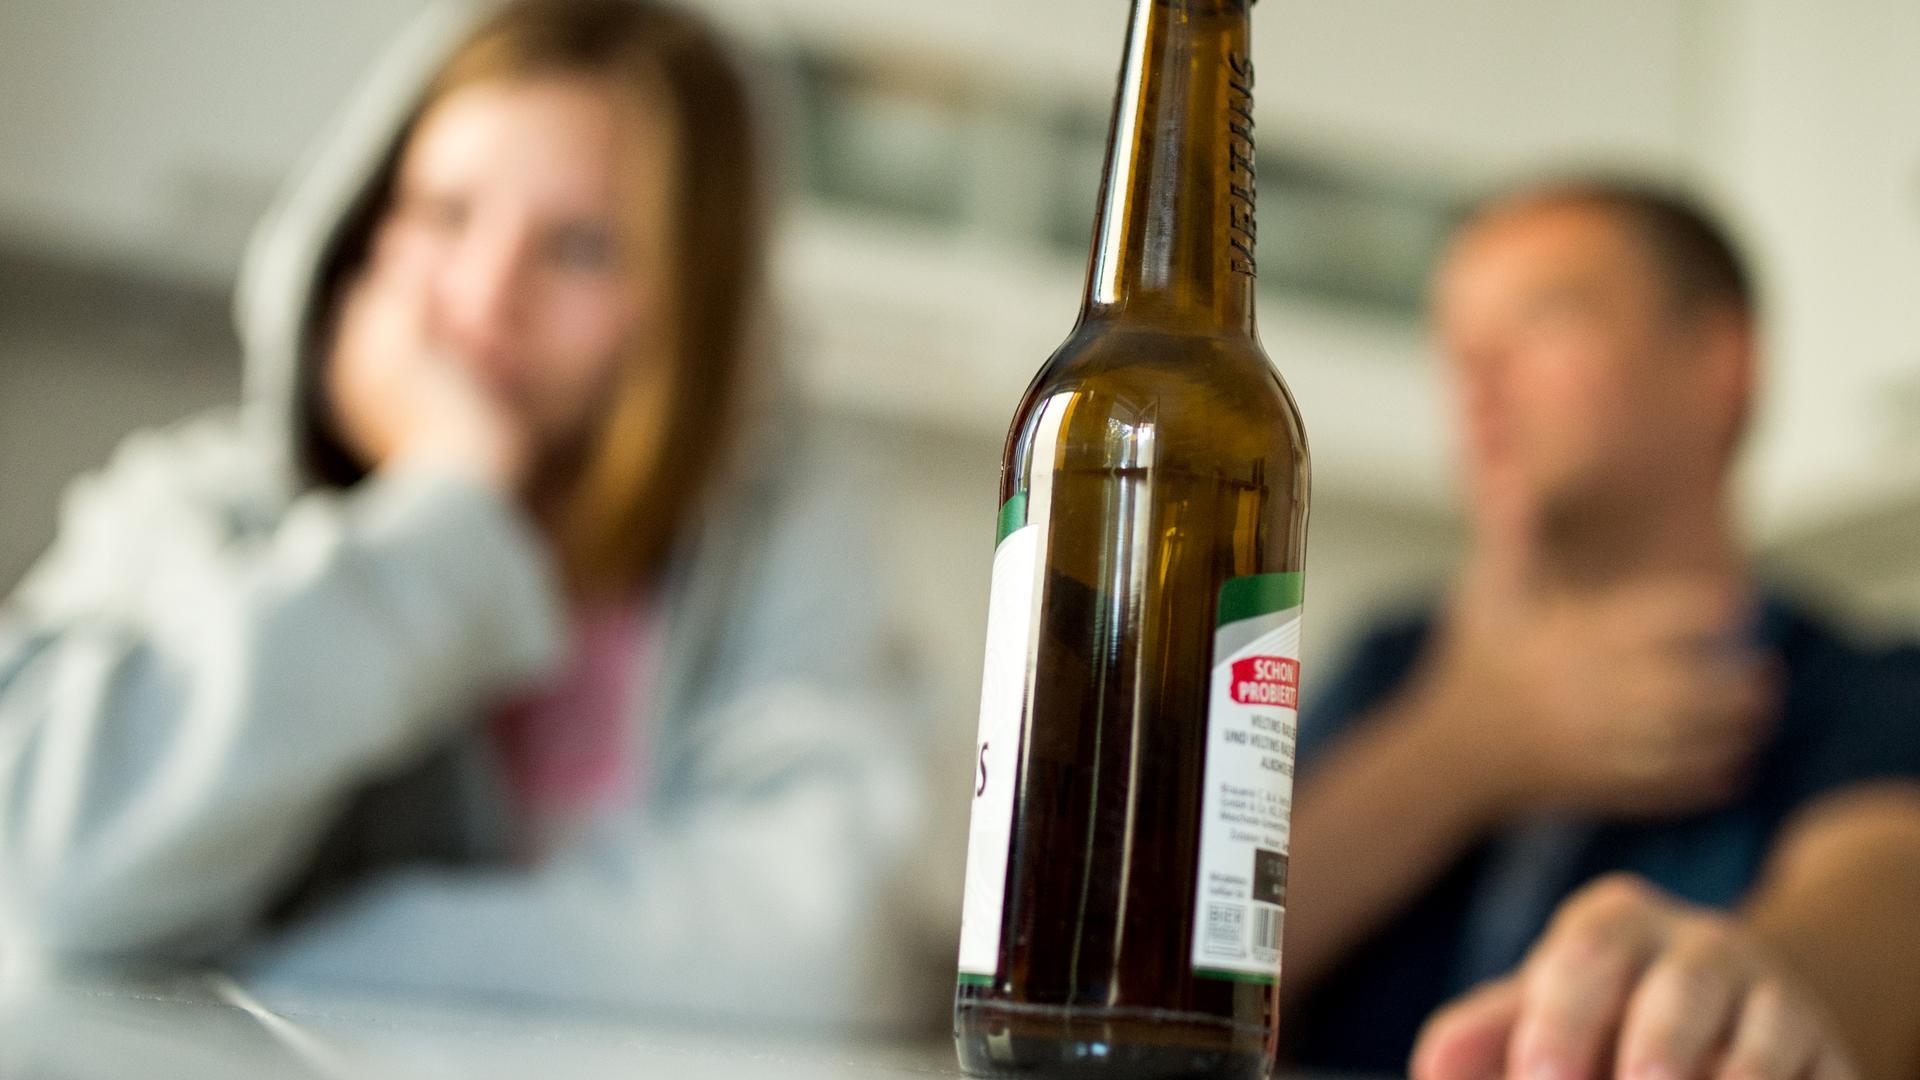 Ein Mädchen streitet mit ihrem Vater, während im Vordergrund eine Bierflasche steht. (Symbolbild)